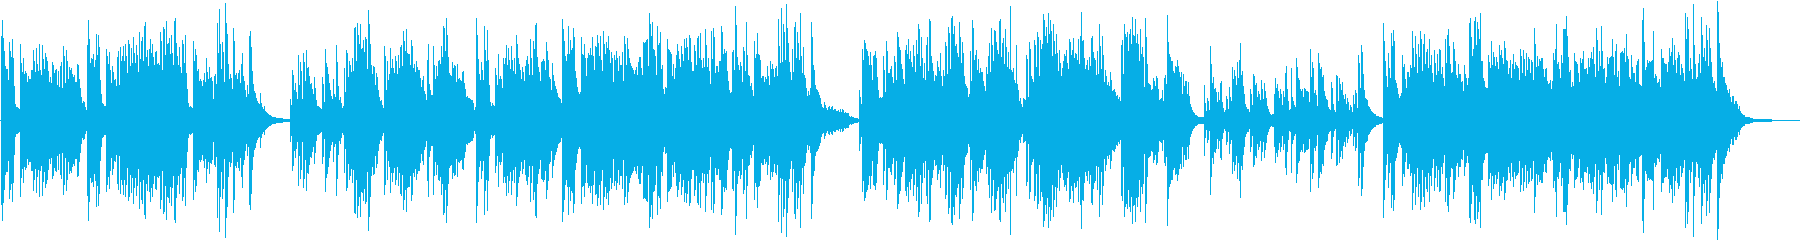 ピアノ演奏による卒業シーンの再生済みの波形